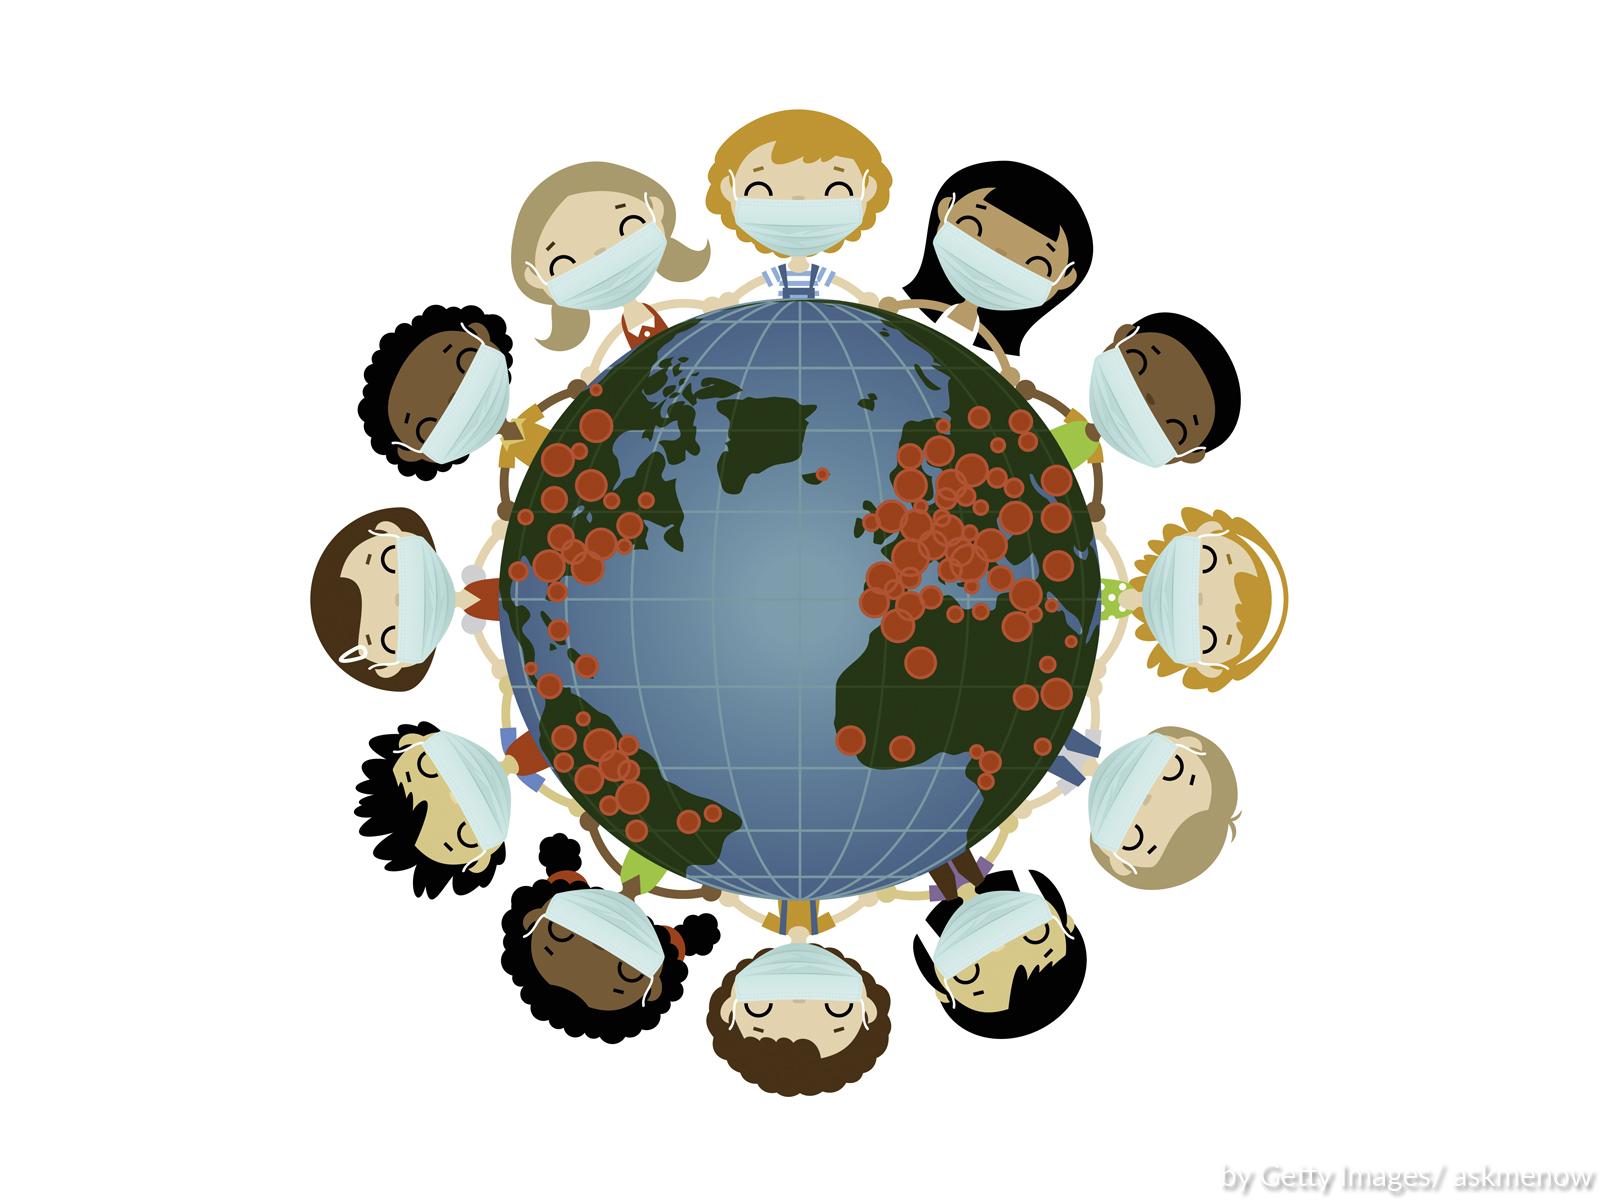 Doutrina Social oferece fundamentos para promoção do bem comum